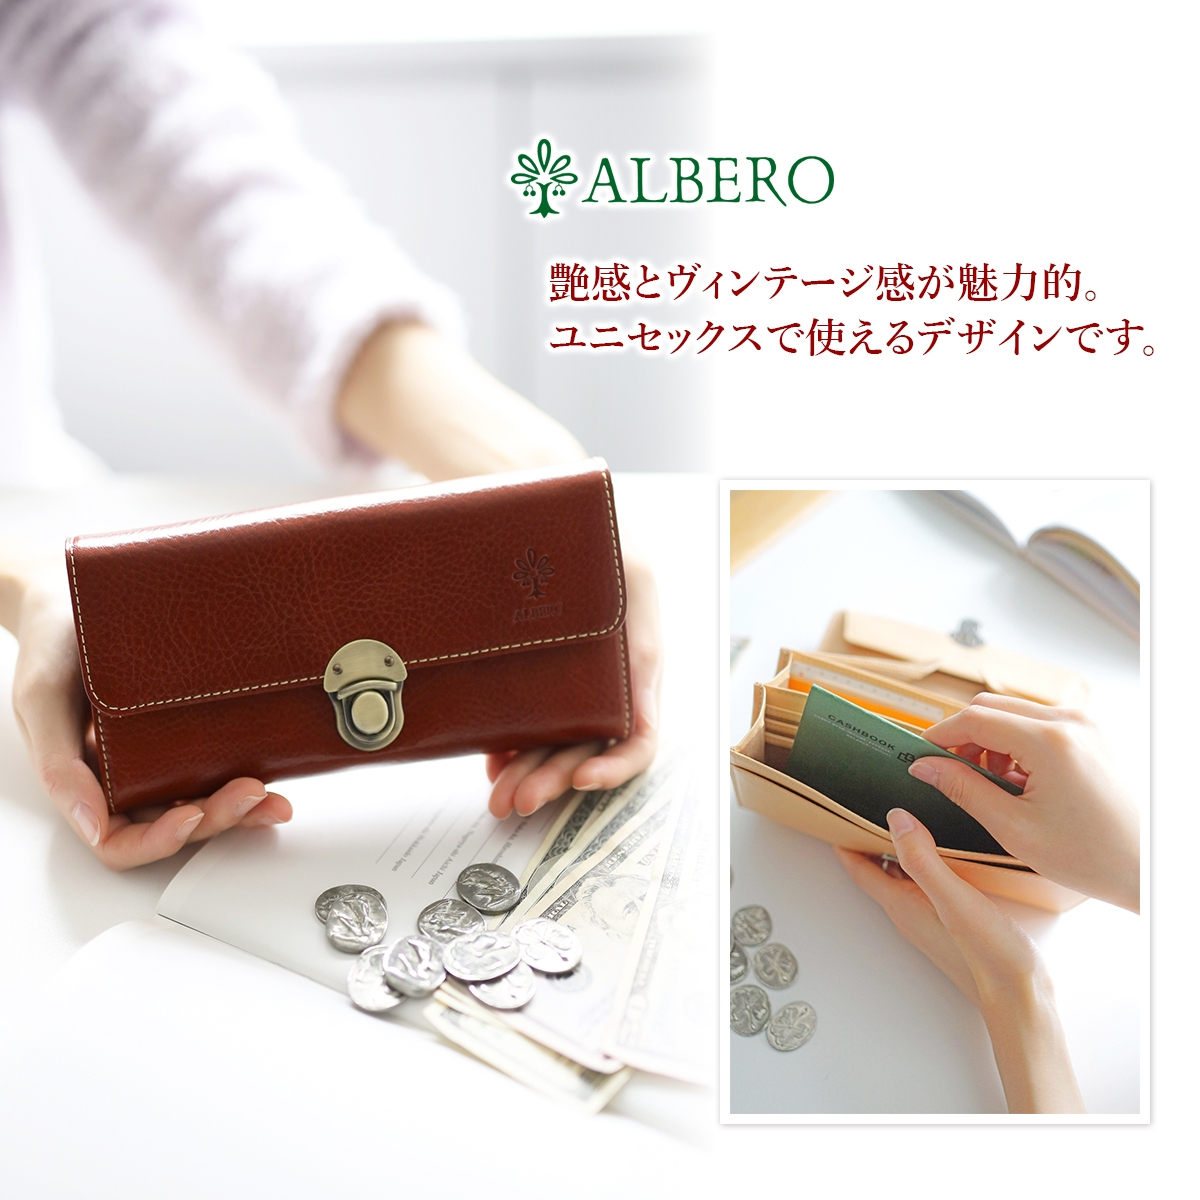 2463015e5dfb ALBERO(アルベロ) BERRETTA(ベレッタ) 小銭入れ付き長財布 5532  味わい深いイタリア独自のバケッタ仕上げギャルソンタイプの小銭入れでたくさん入る◎